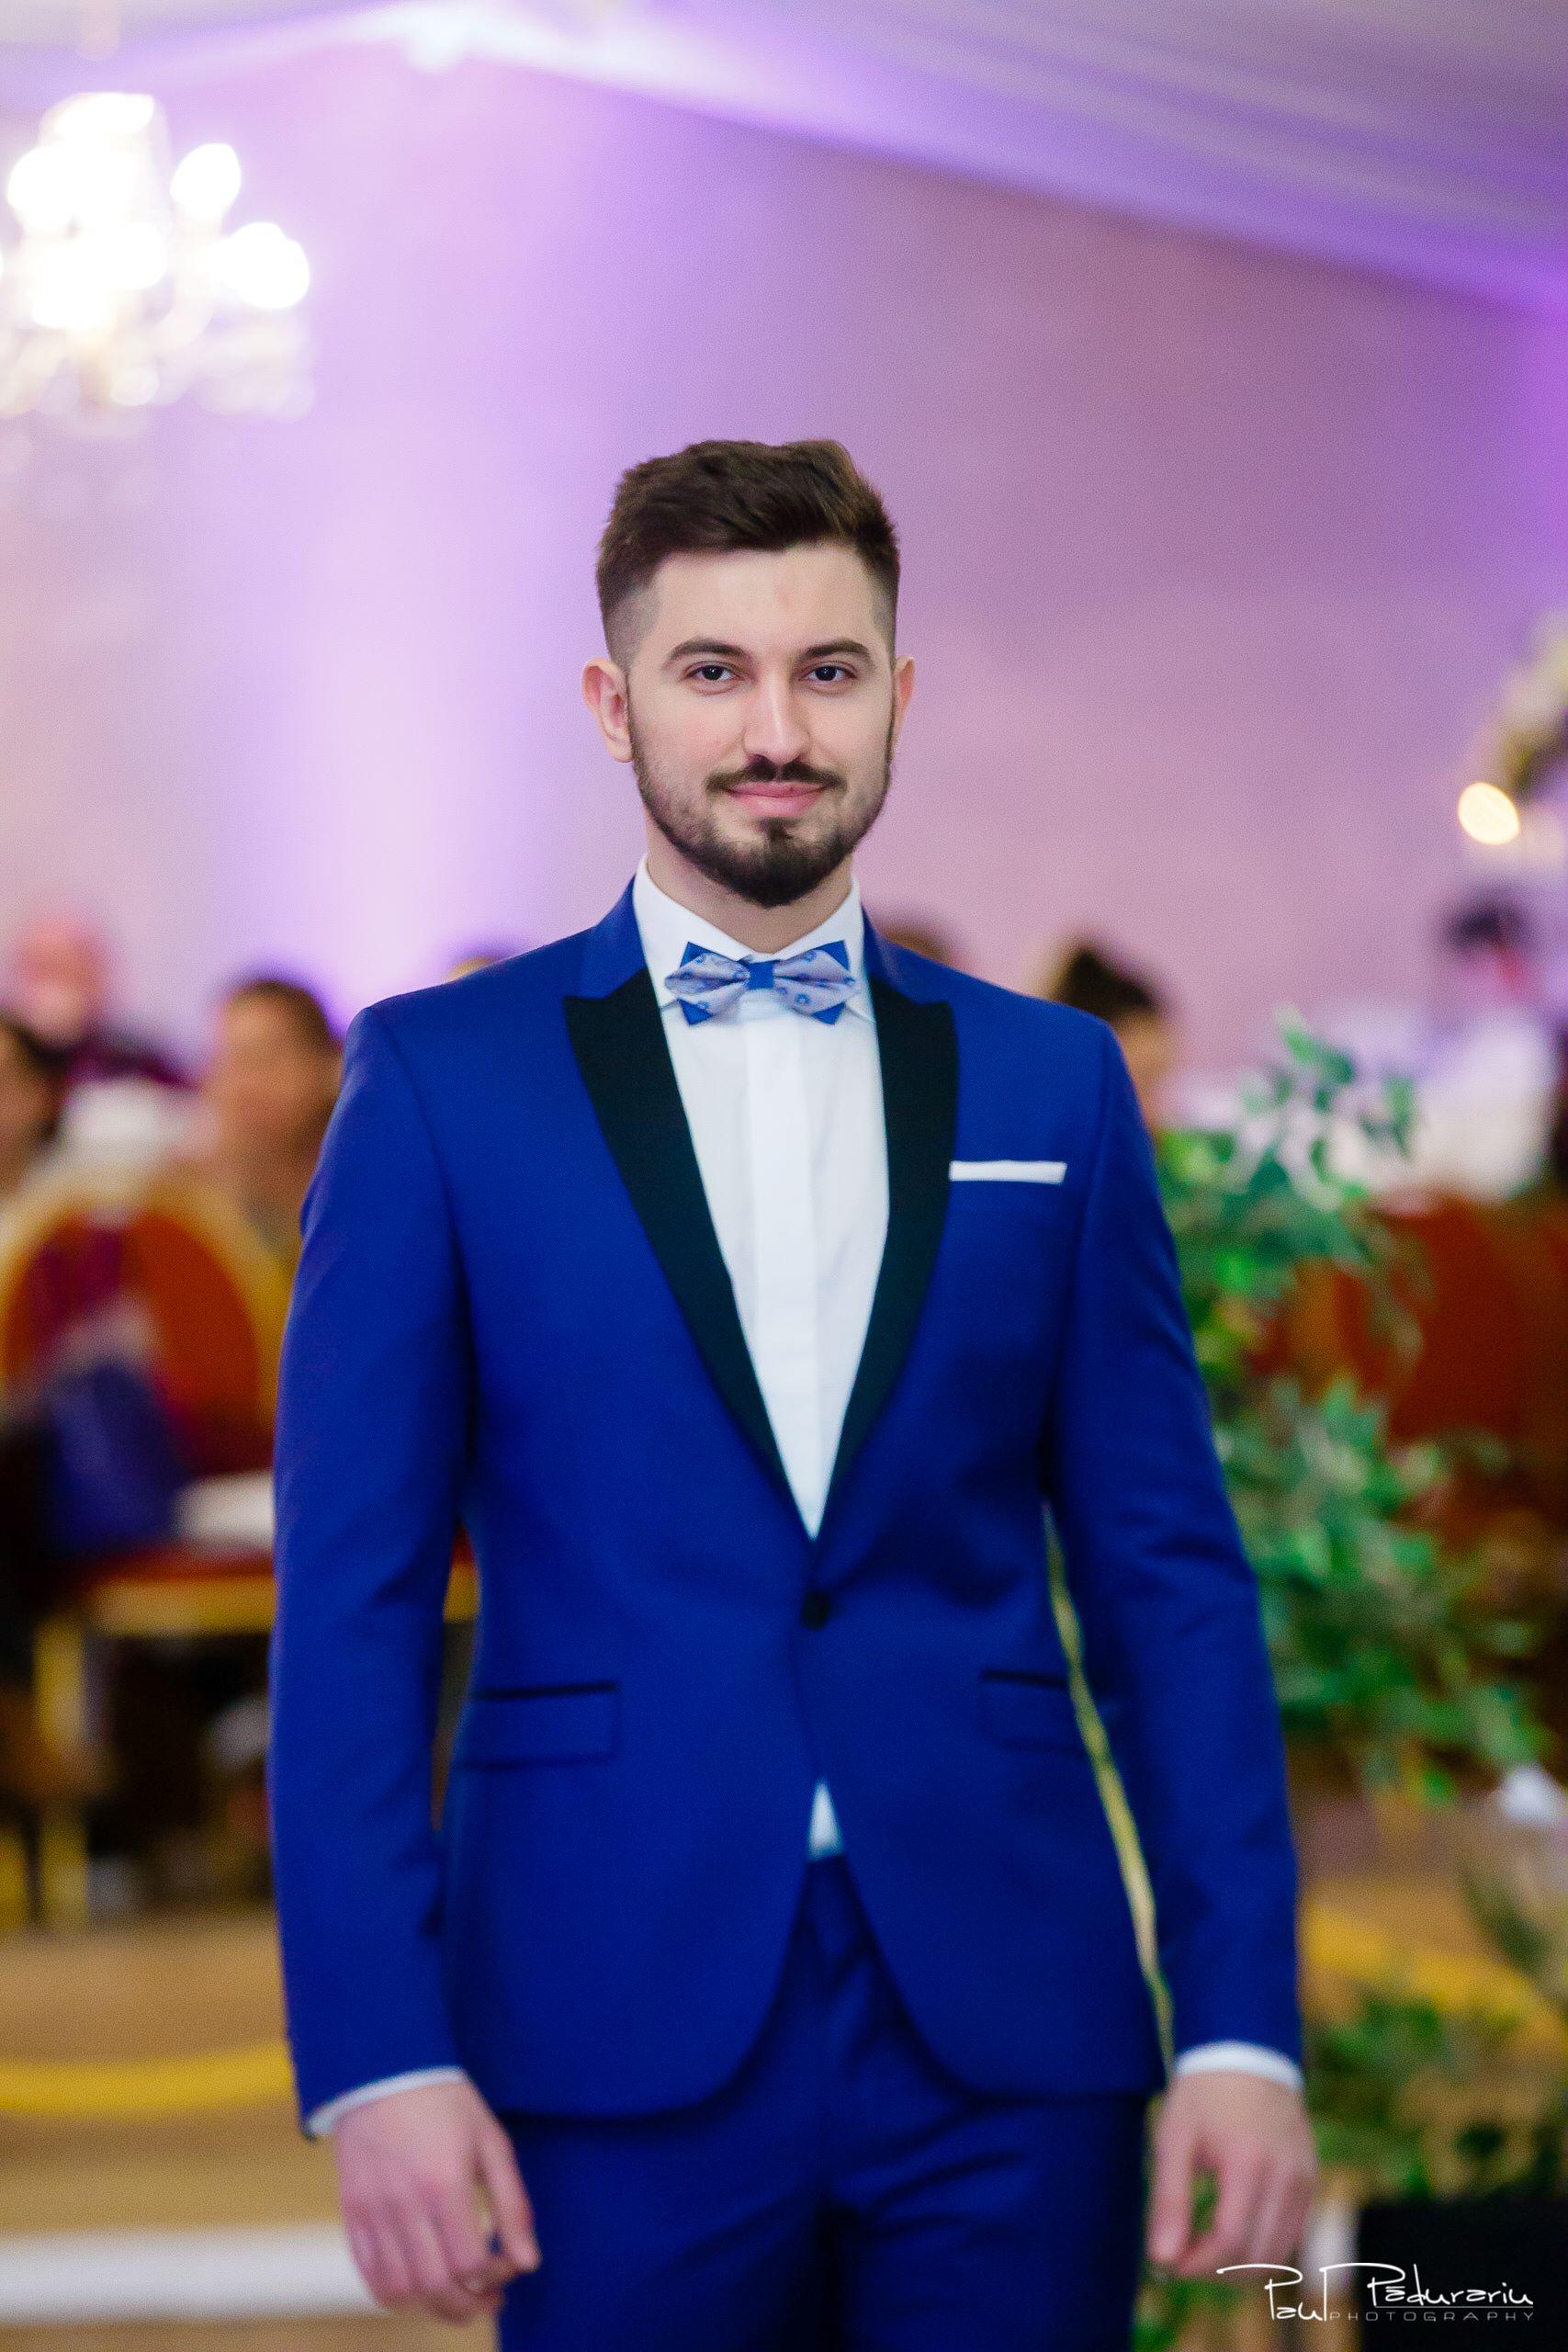 Seroussi | Producător și distribuitor de costume bărbătești colectia 2019 - costum mire - paul padurariu fotograf nunta iasi www.paulpadurariu.ro 13